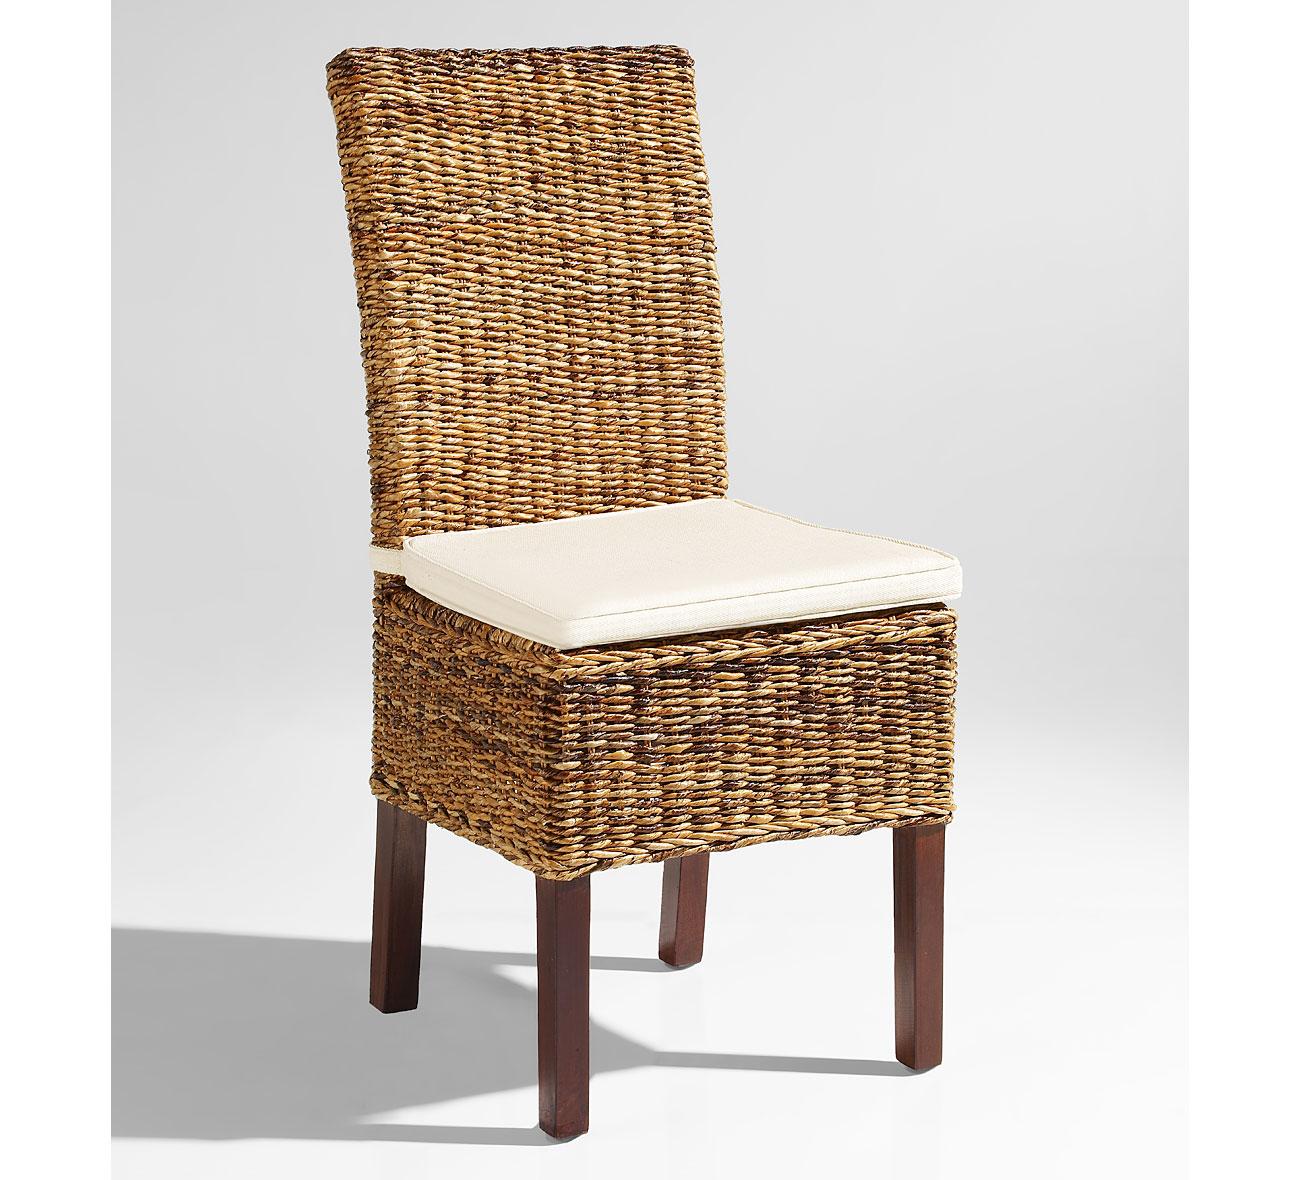 Silla con cojin en cuerda colonial masai en for Portobello muebles coloniales